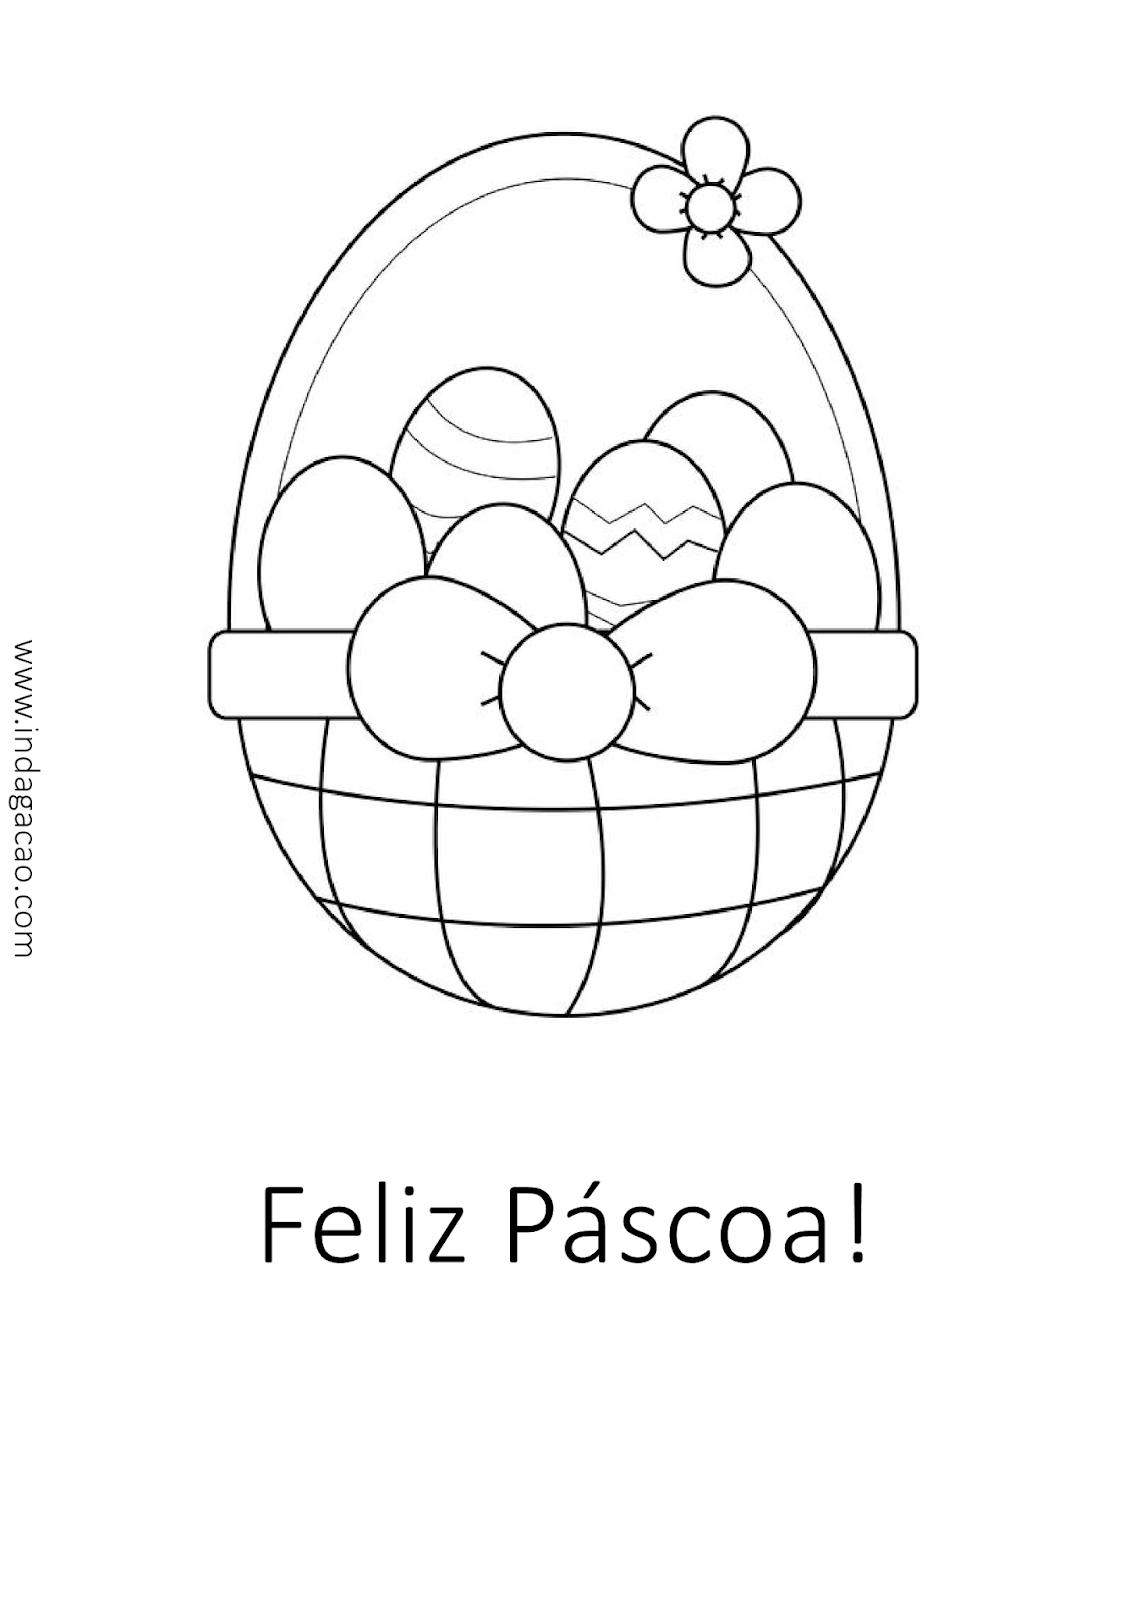 Cesto De Ovos De Pascoa Com Frase Feliz Pascoa Para Pintar